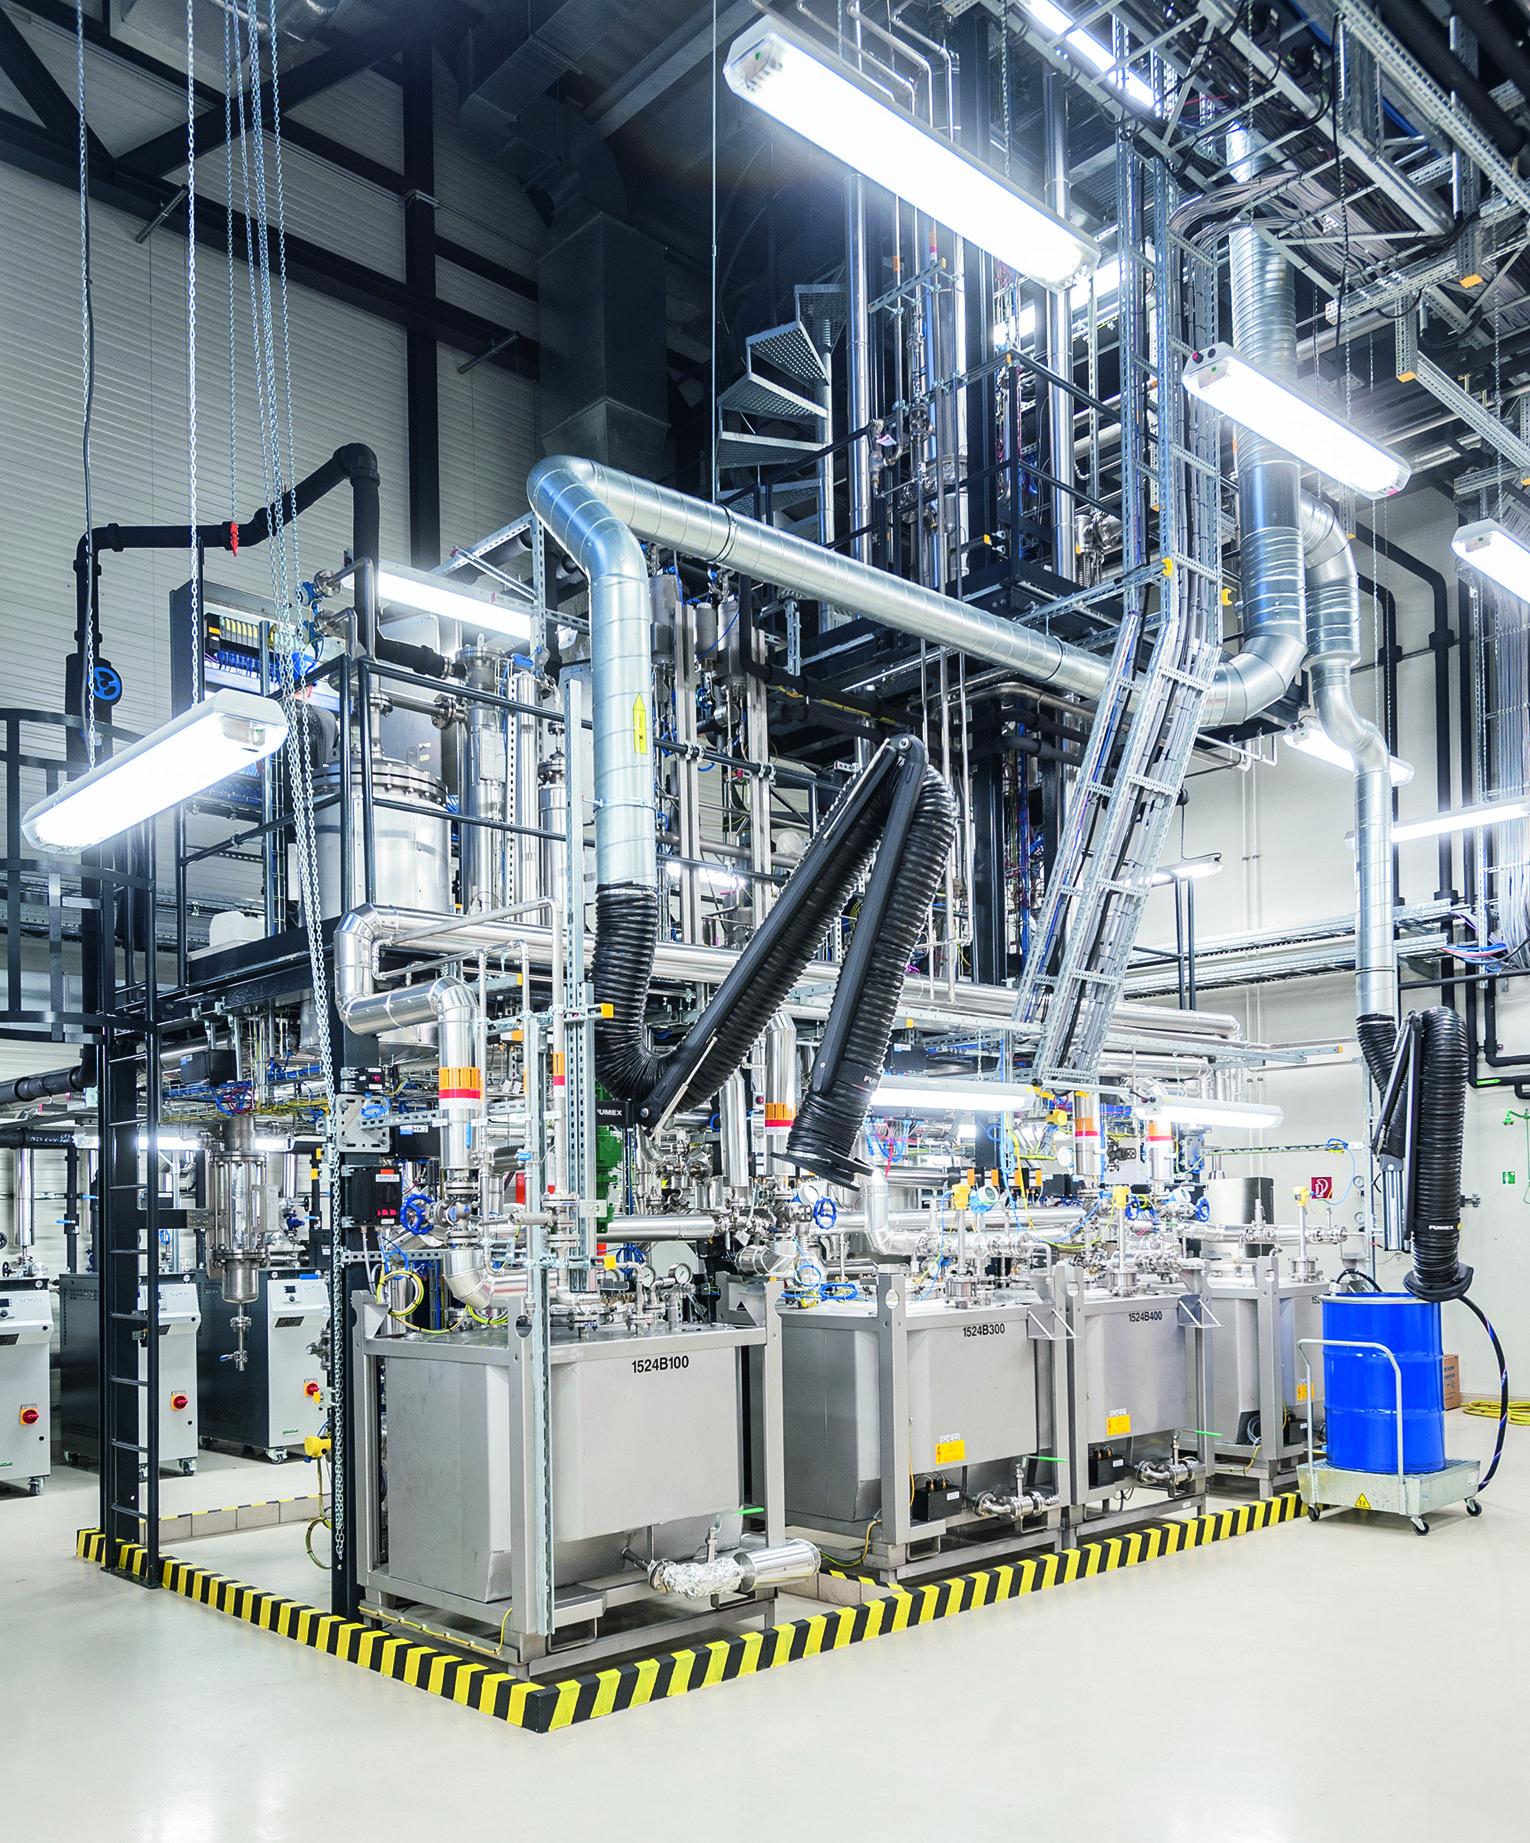 Vakuumdestillationsanlage am Fraunhofer CBP:Ziel ist es, die Herstellung von Isobuten nach dem Fraunhofer-Testlauf in einen industriellen Maßstab zu übertragen. Das könnte viel Geld einbringen: Der Isobuten-Weltmarkt liegt laut demfranzösischen Unternehmen Global Bioenergies GBE bei 25 Milliarden Dollar.